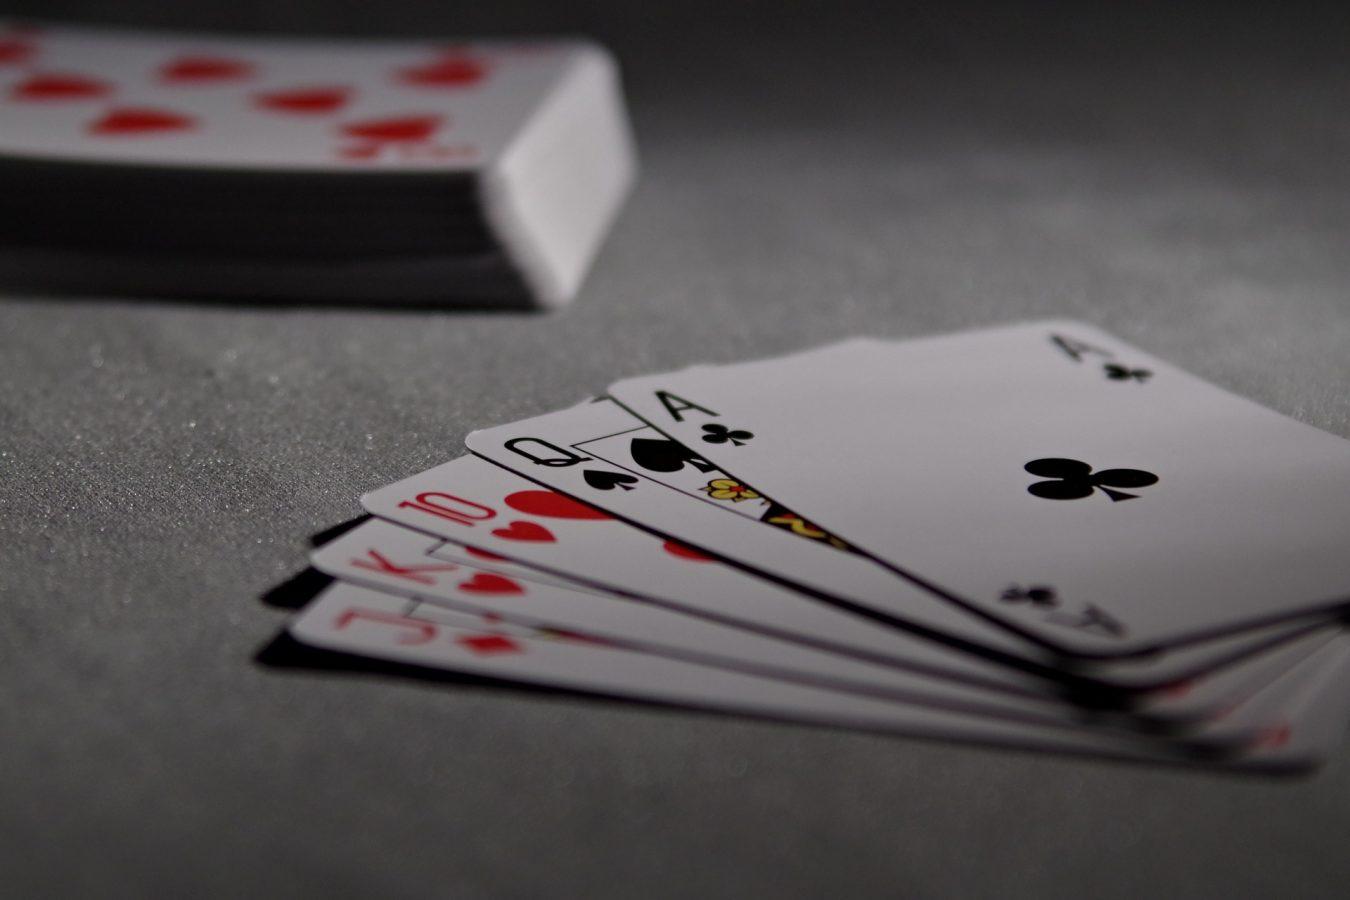 Turnamen poker YLS tahunan: Menghadapi masa-masa menantang | Jax Daily Record | Catatan Harian Jacksonville